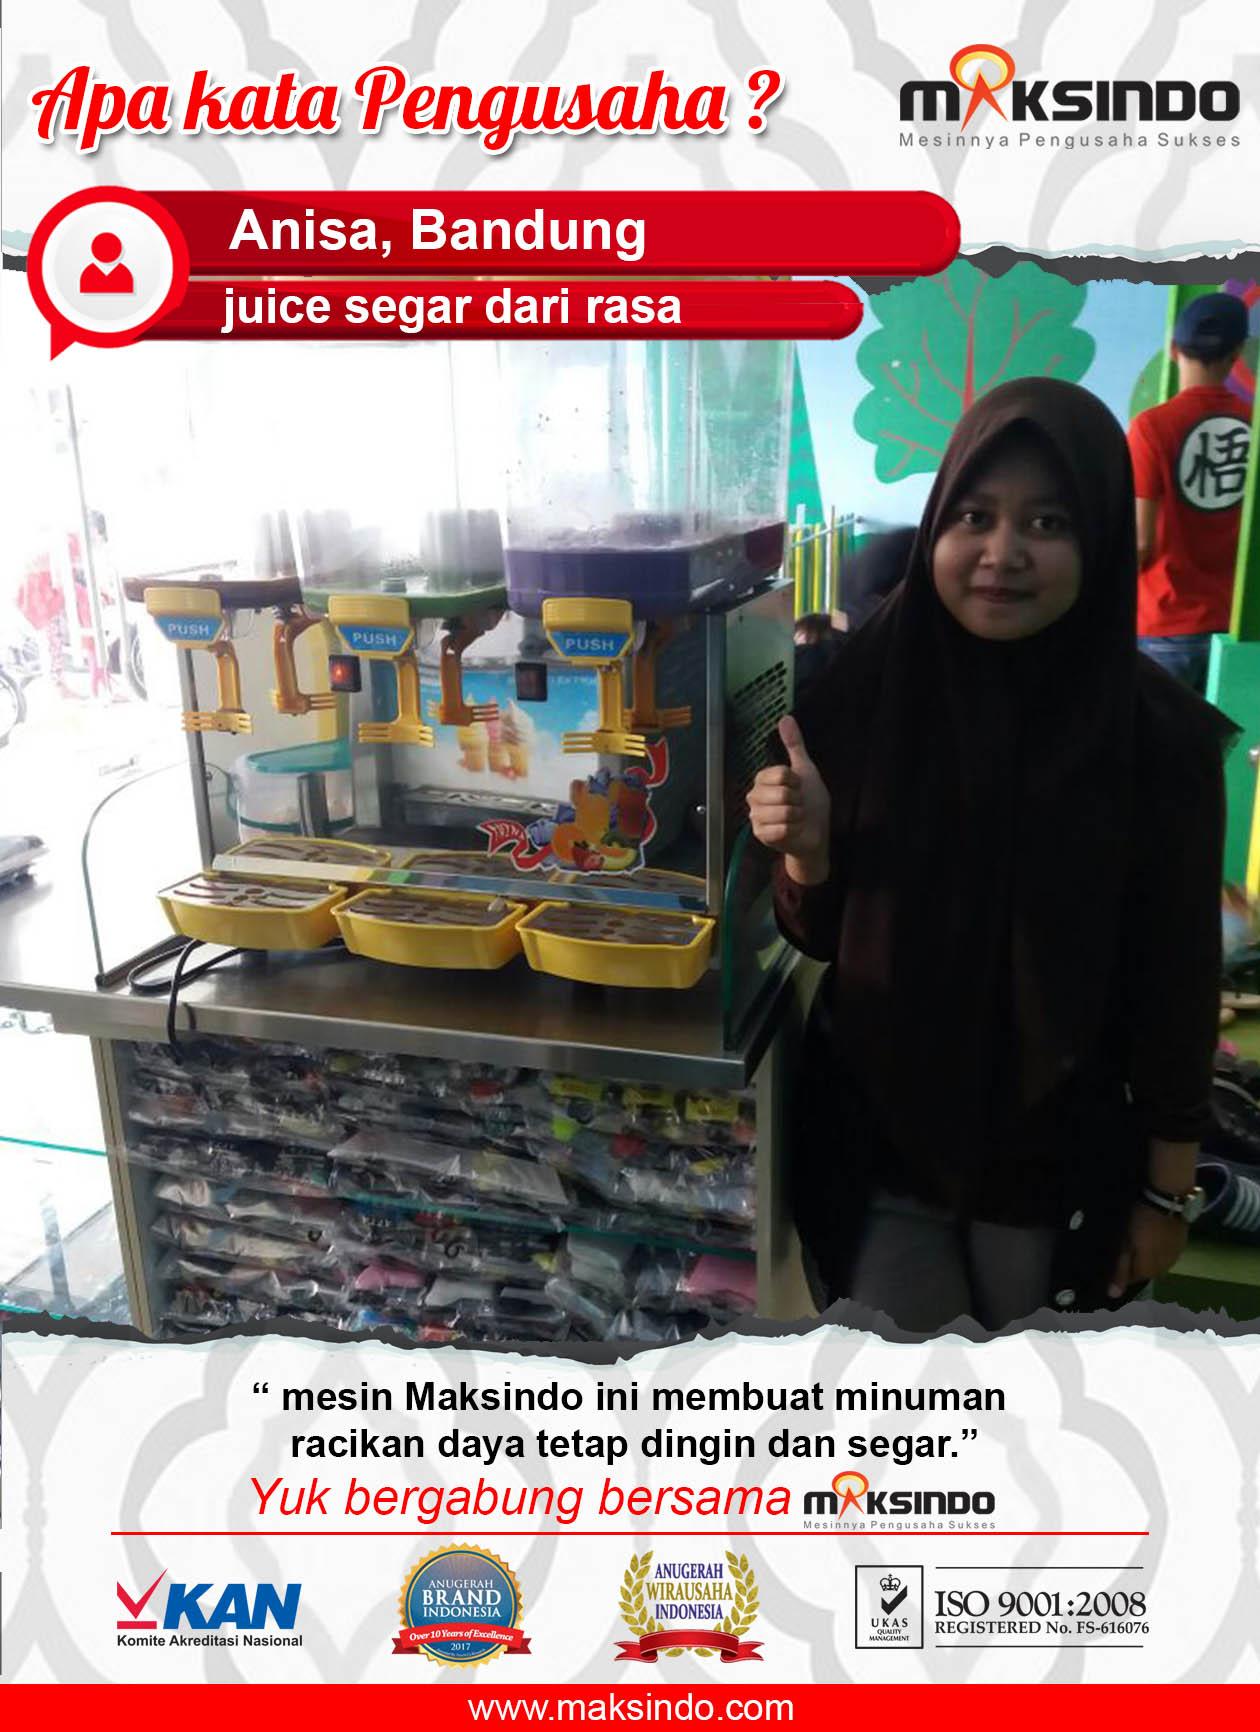 Juice Segar Dari Rasa : Mesin Maksindo Membuat Minuman Menjadi Segar